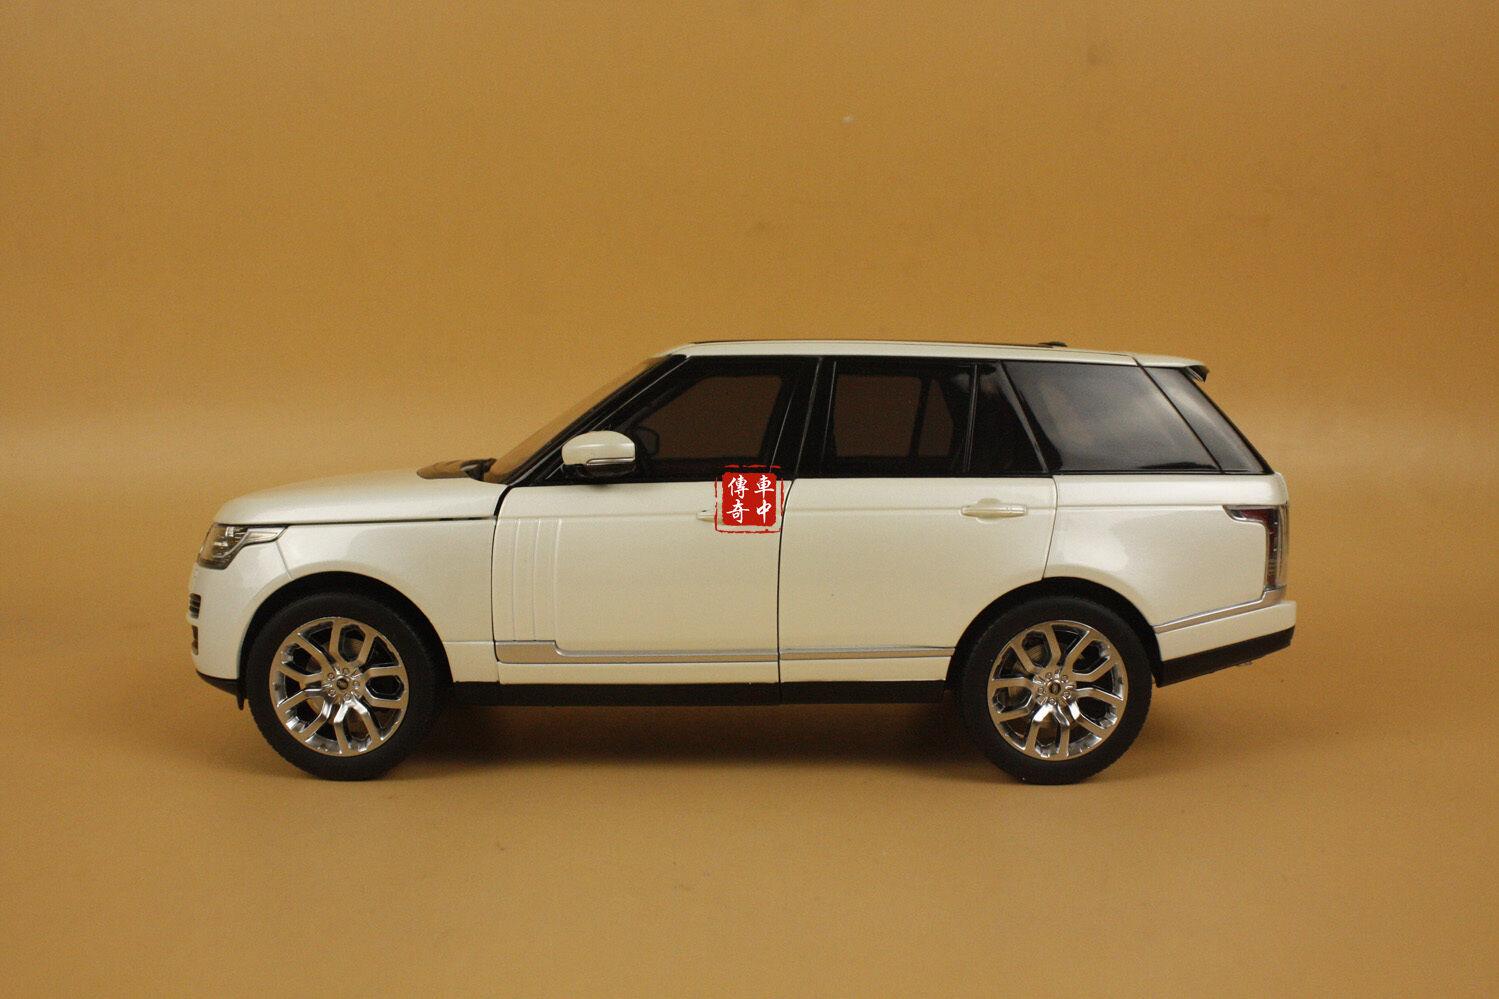 18 gt - autos von land rover range rover mit weißer farbe + geschenk